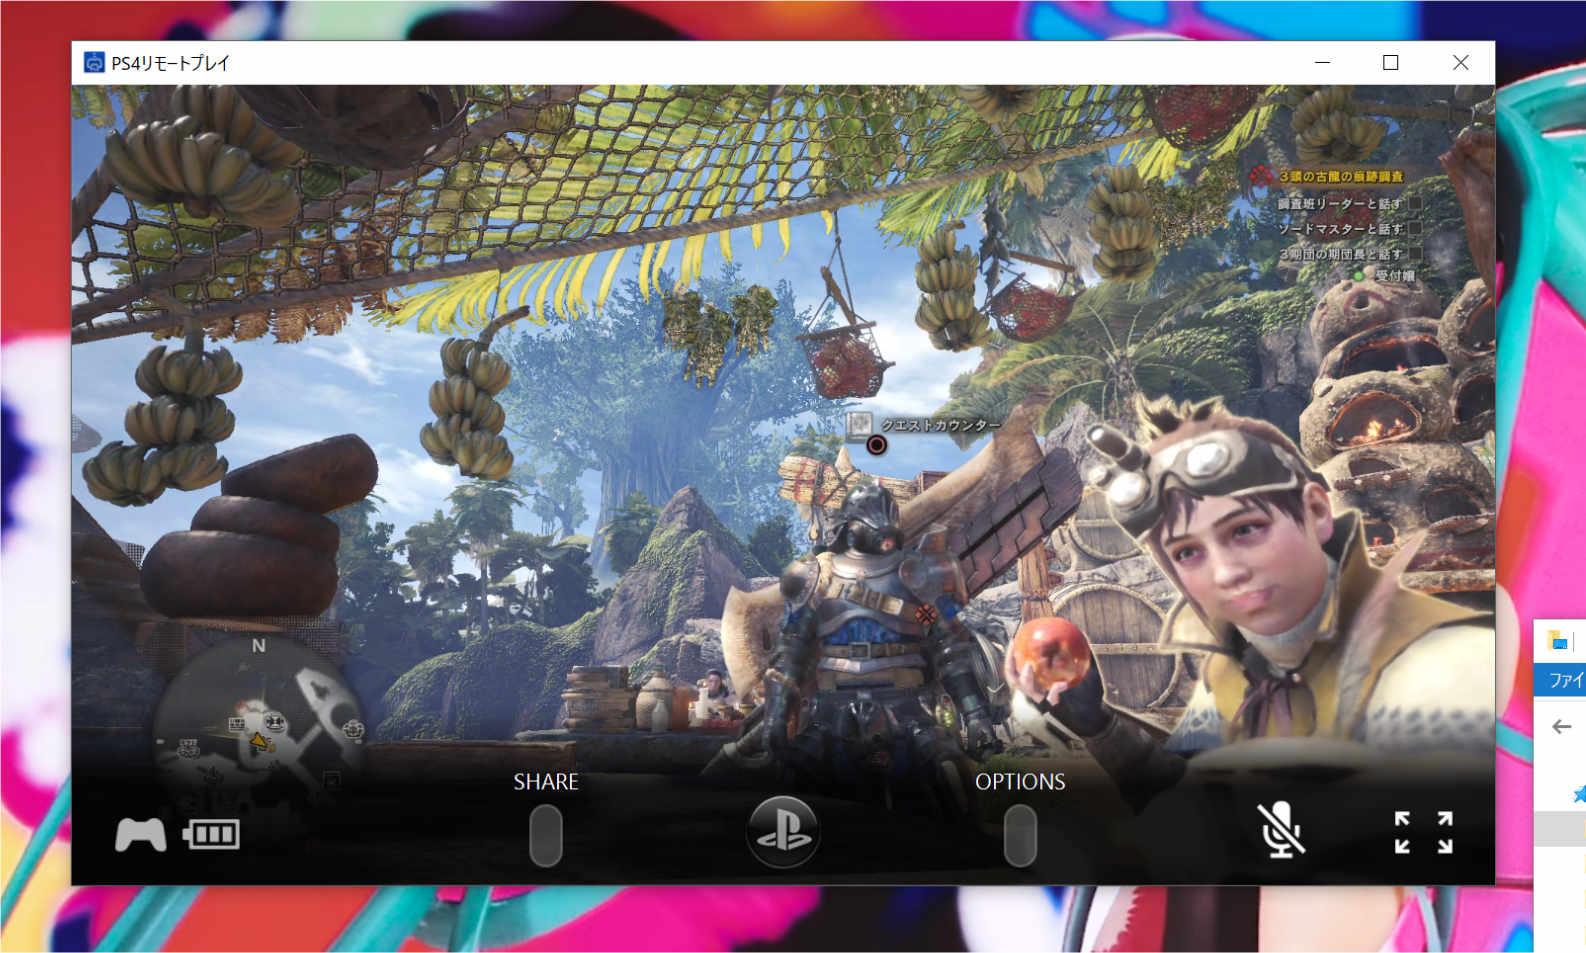 PlayStation4 Proのリモートプレイは最高1080pの解像度【PS4/Windows10/インプレ】